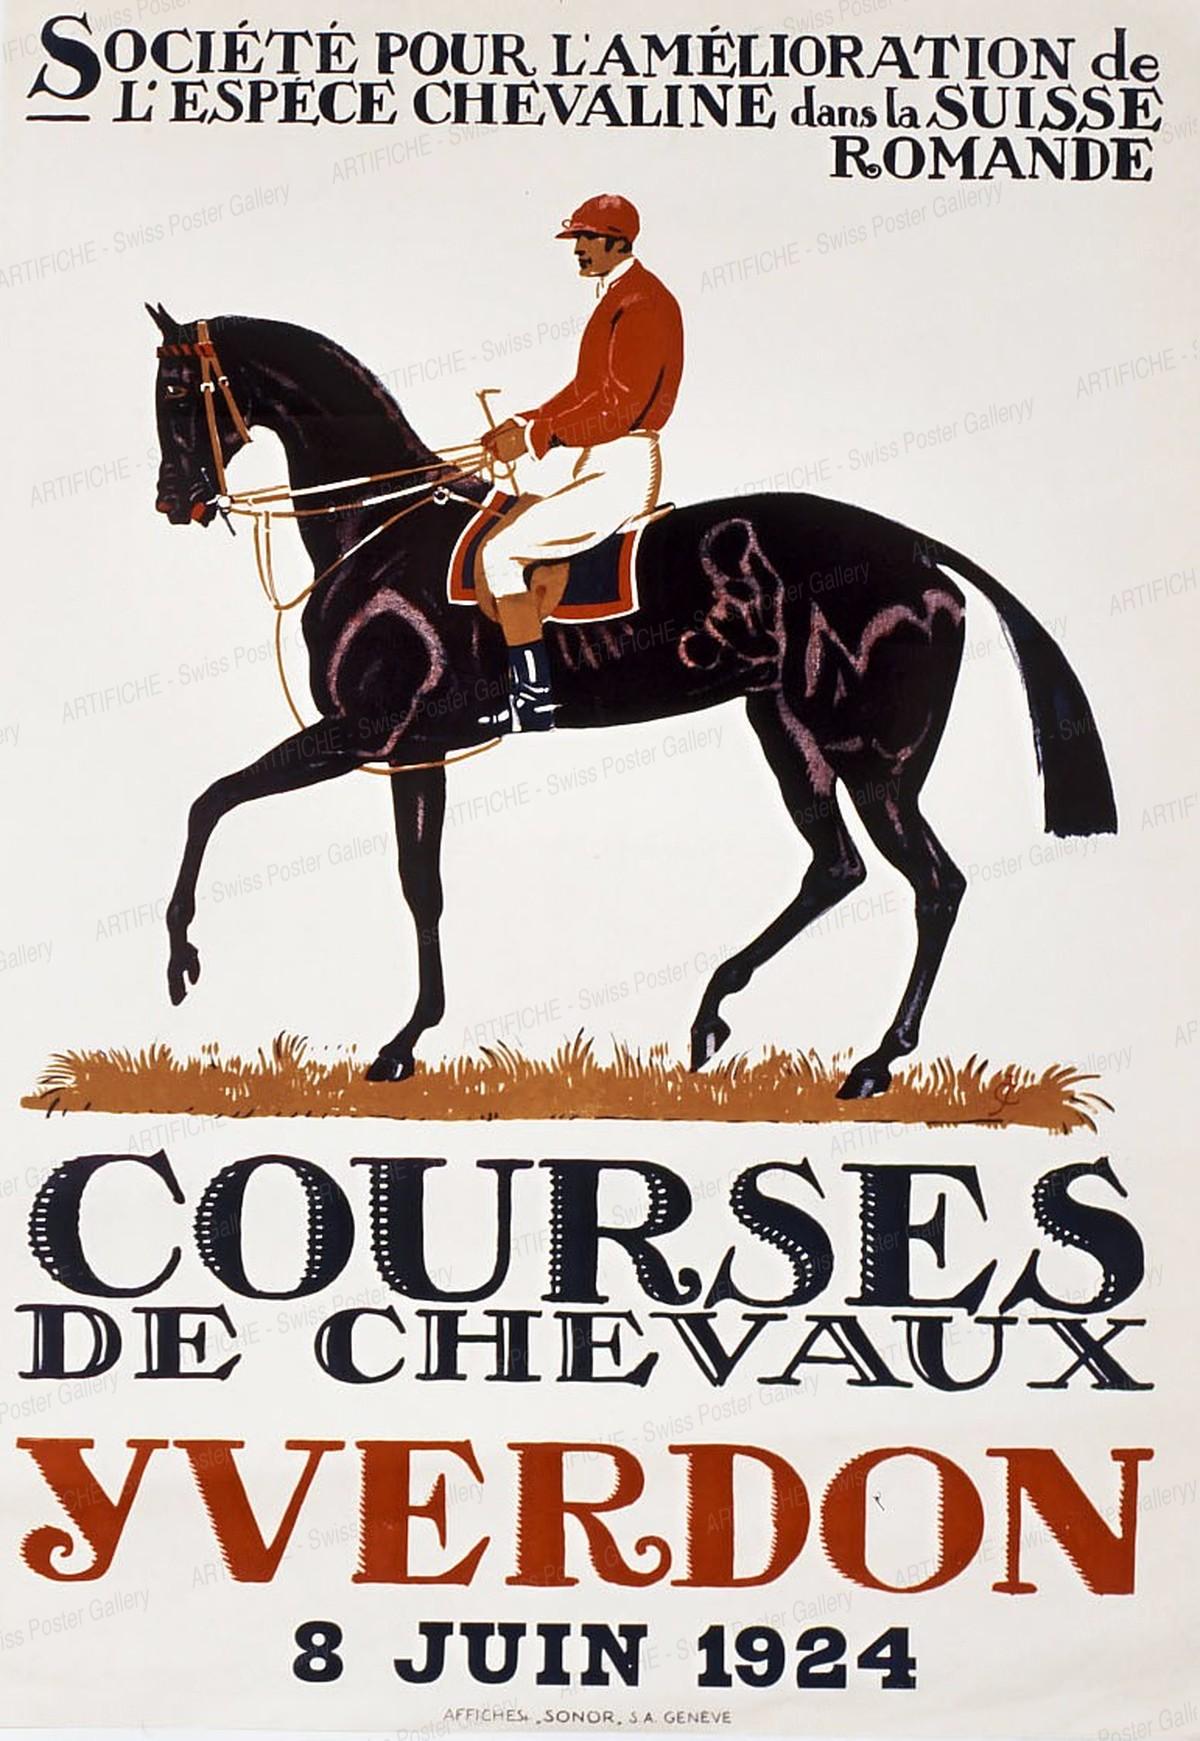 COURSES DE CHEVAUX YVERDON 1924, Jules-Ami Courvoisier